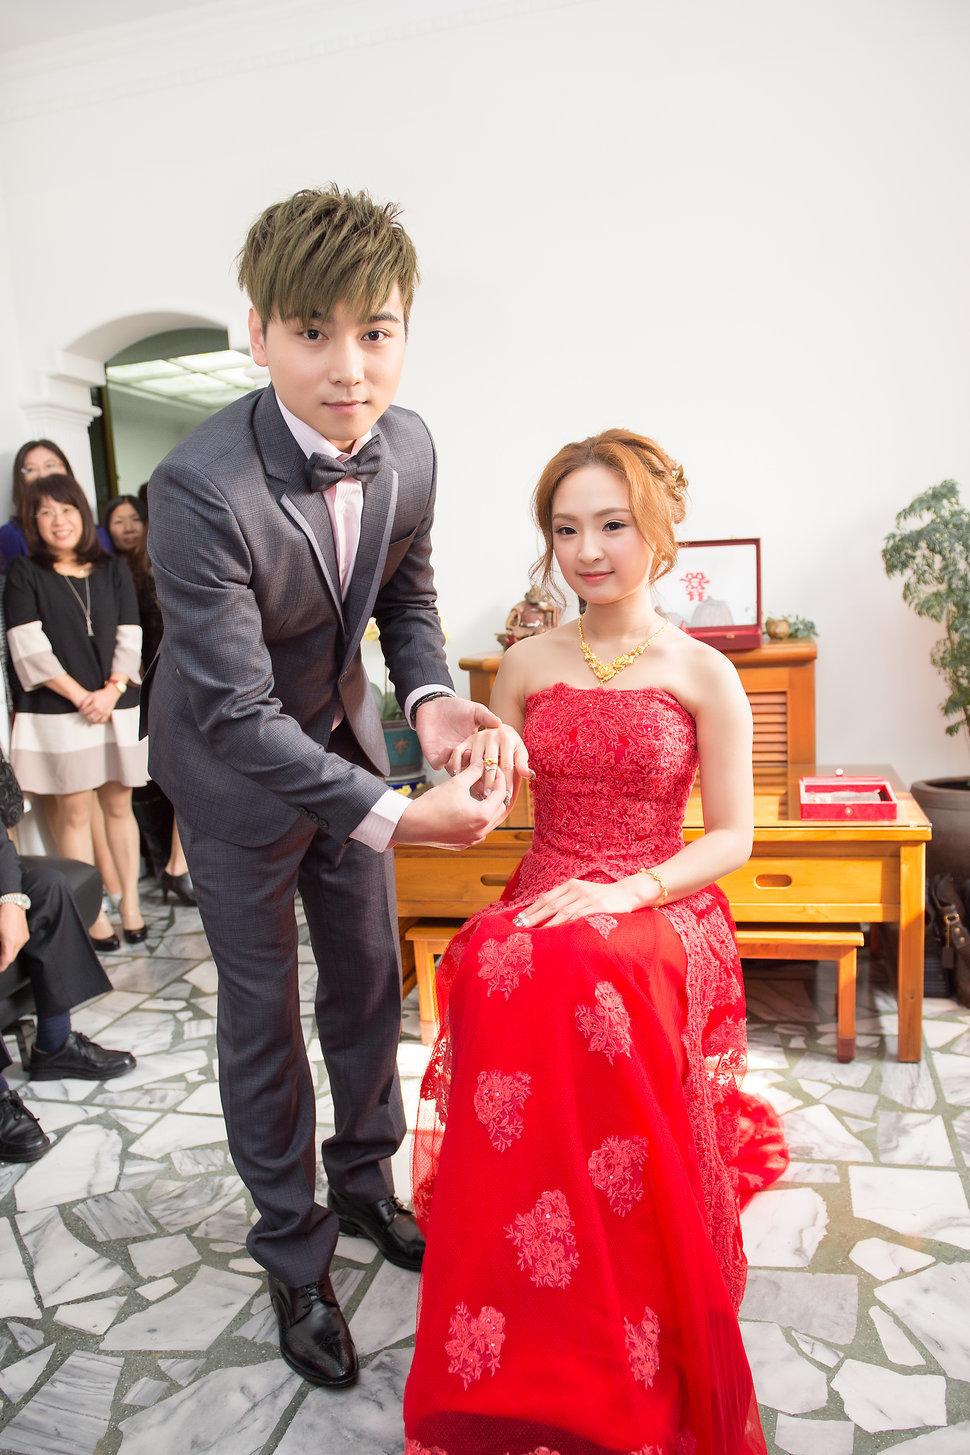 [台北婚攝] 訂婚迎娶儀式@雙岩龍鳳城(編號:432328) - LoveStoryAllen IMAGE - 結婚吧一站式婚禮服務平台